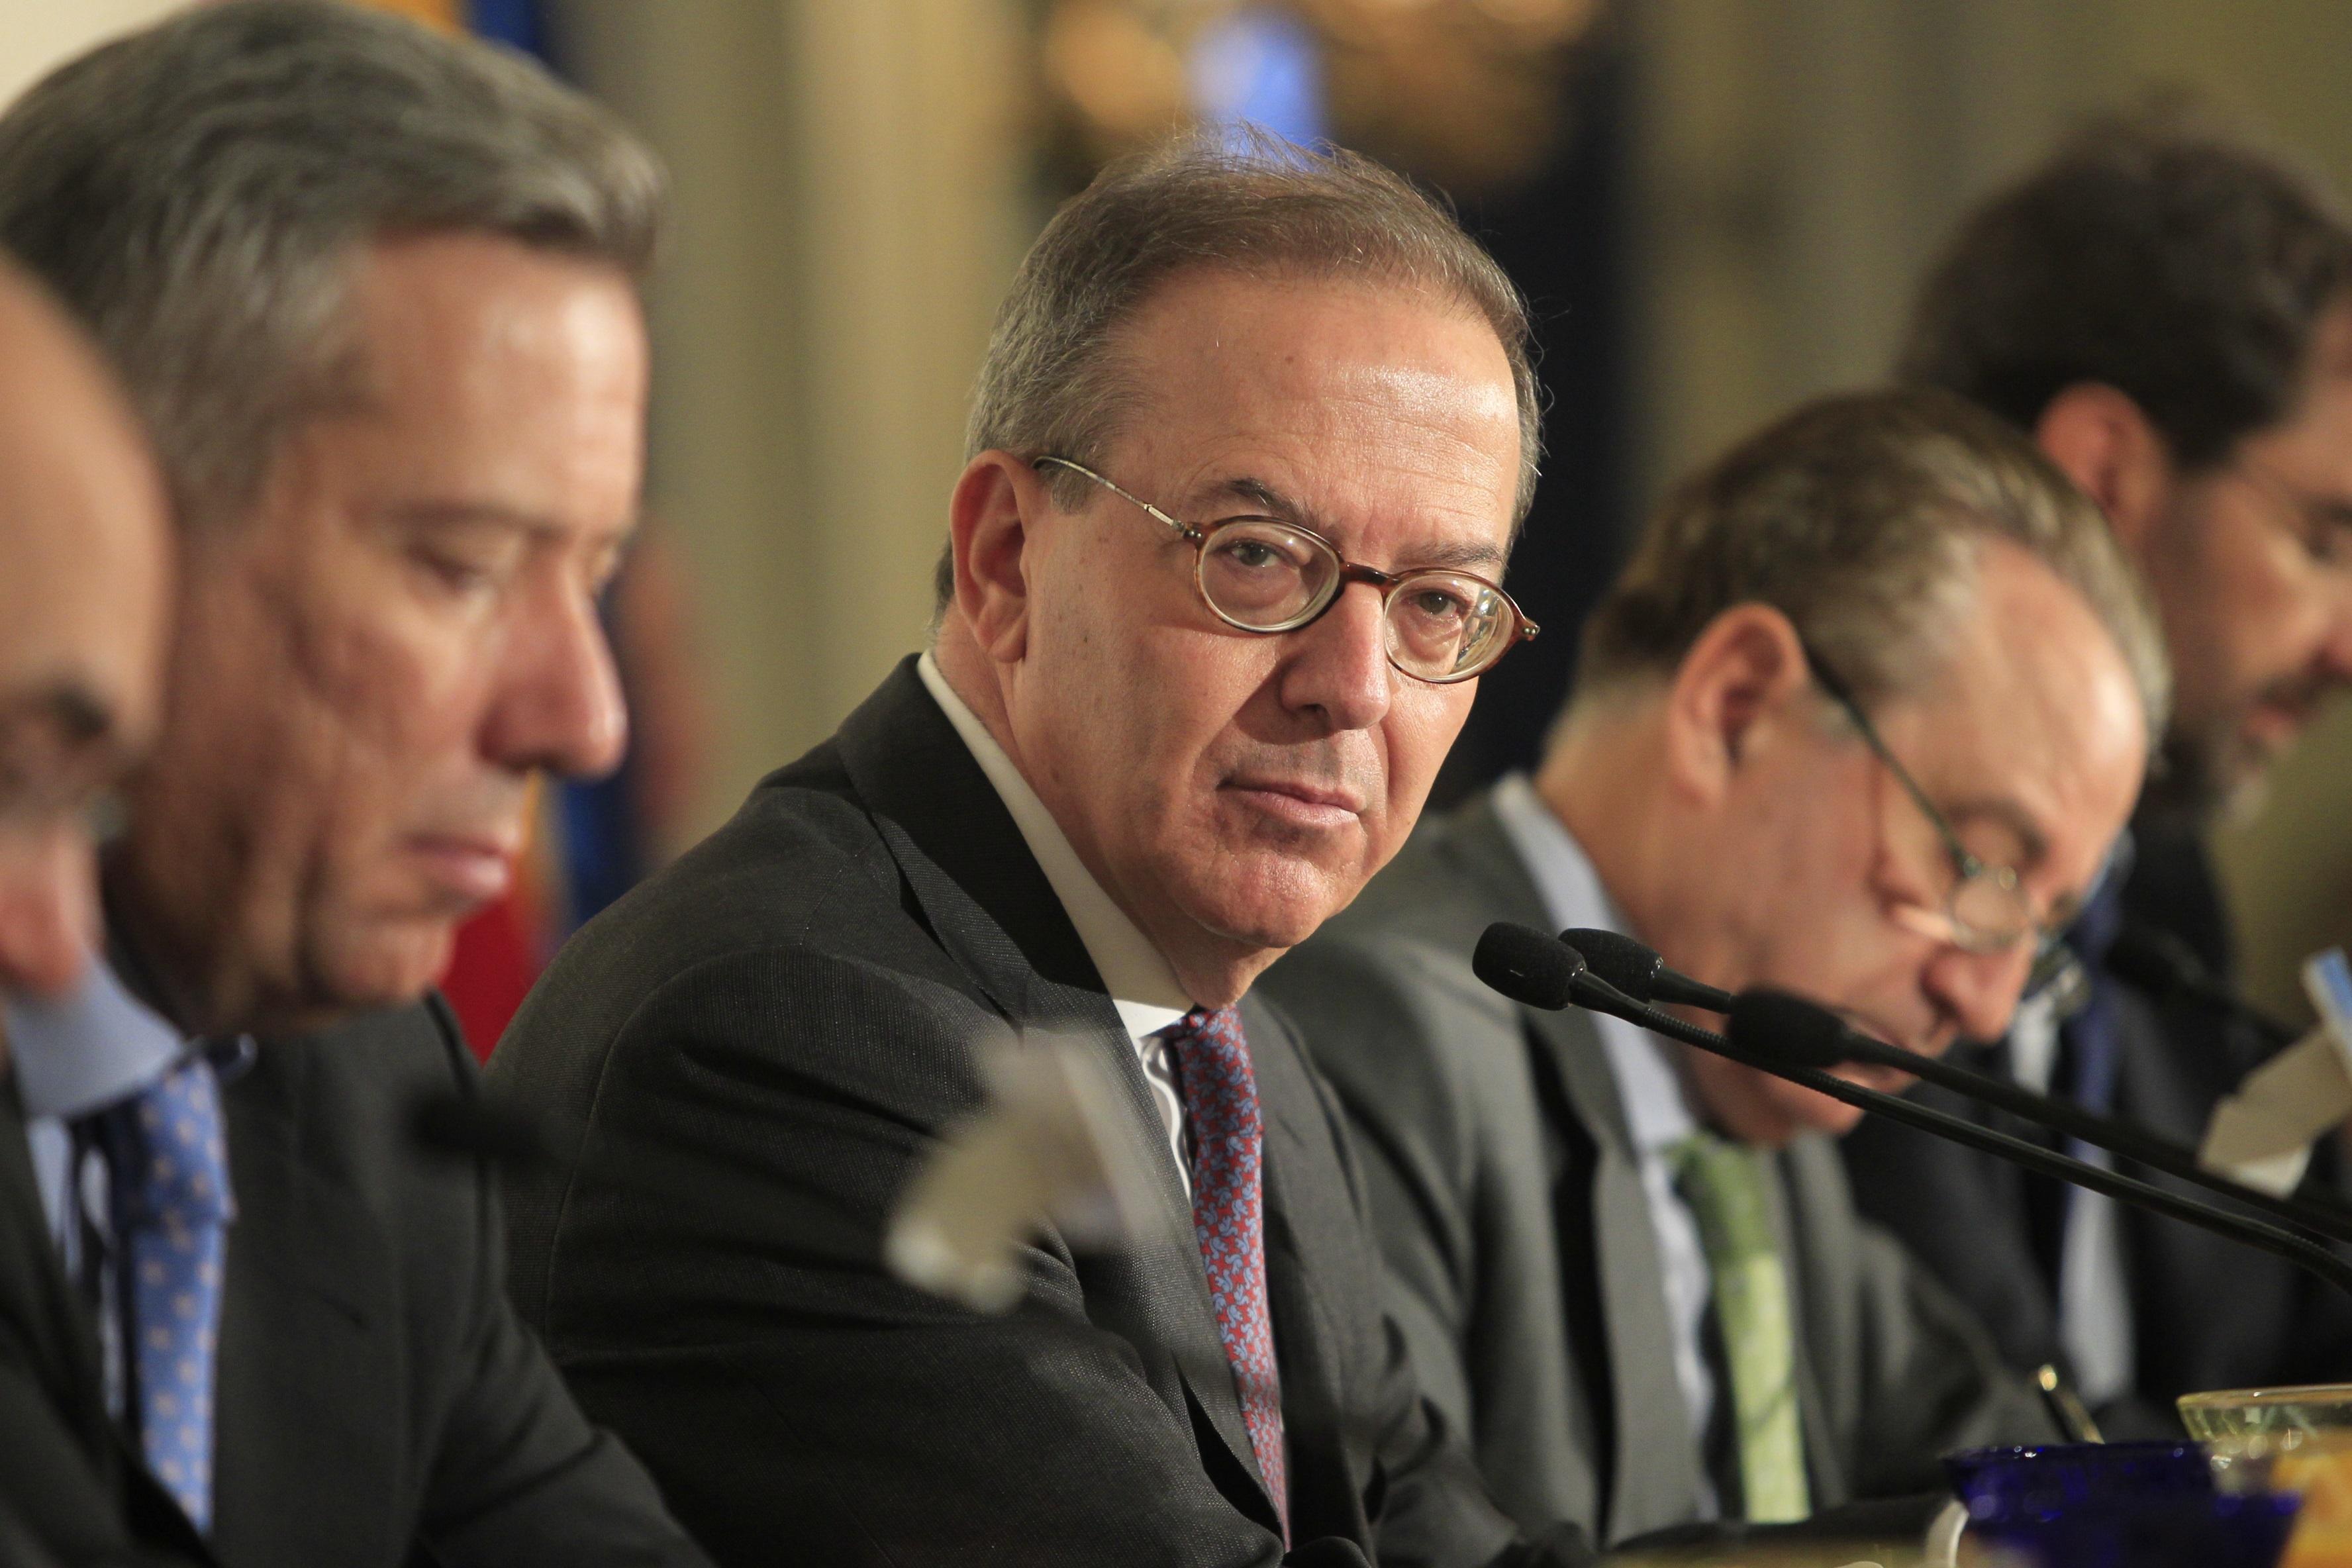 Cerrar la fusión de Unicaja y Ceiss costará al erario público hasta 402 millones